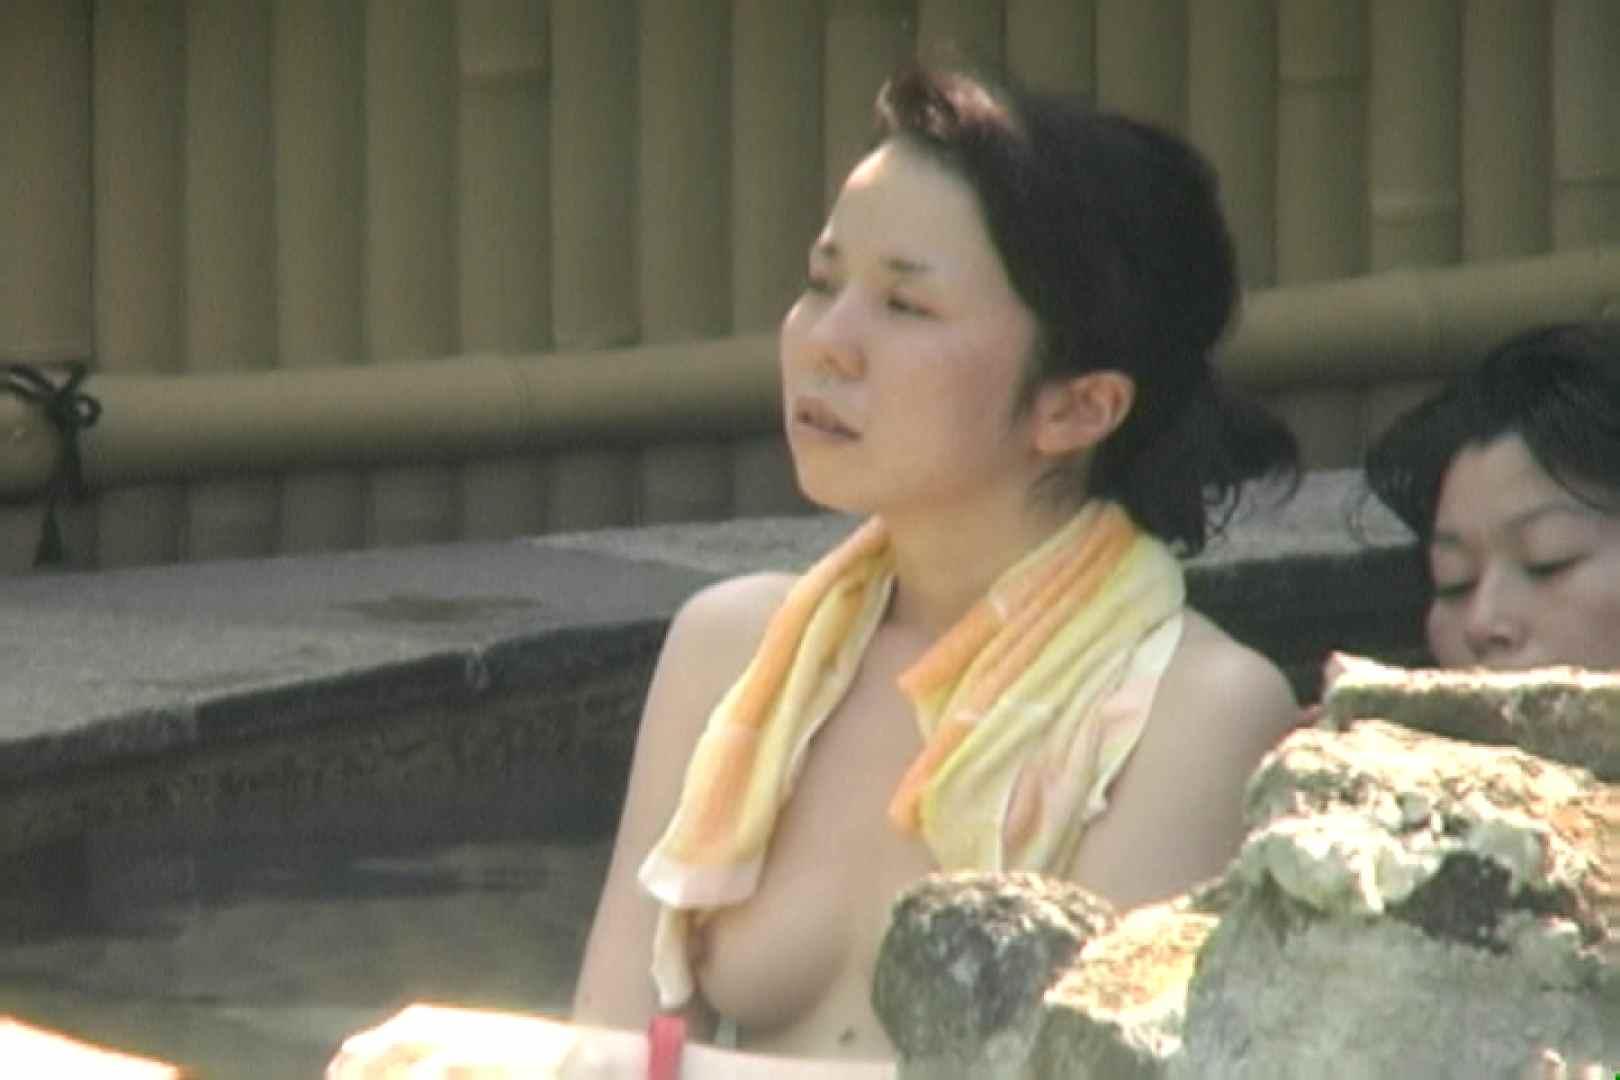 高画質露天女風呂観察 vol.011 高画質 | 乙女のエロ動画  85PIX 25